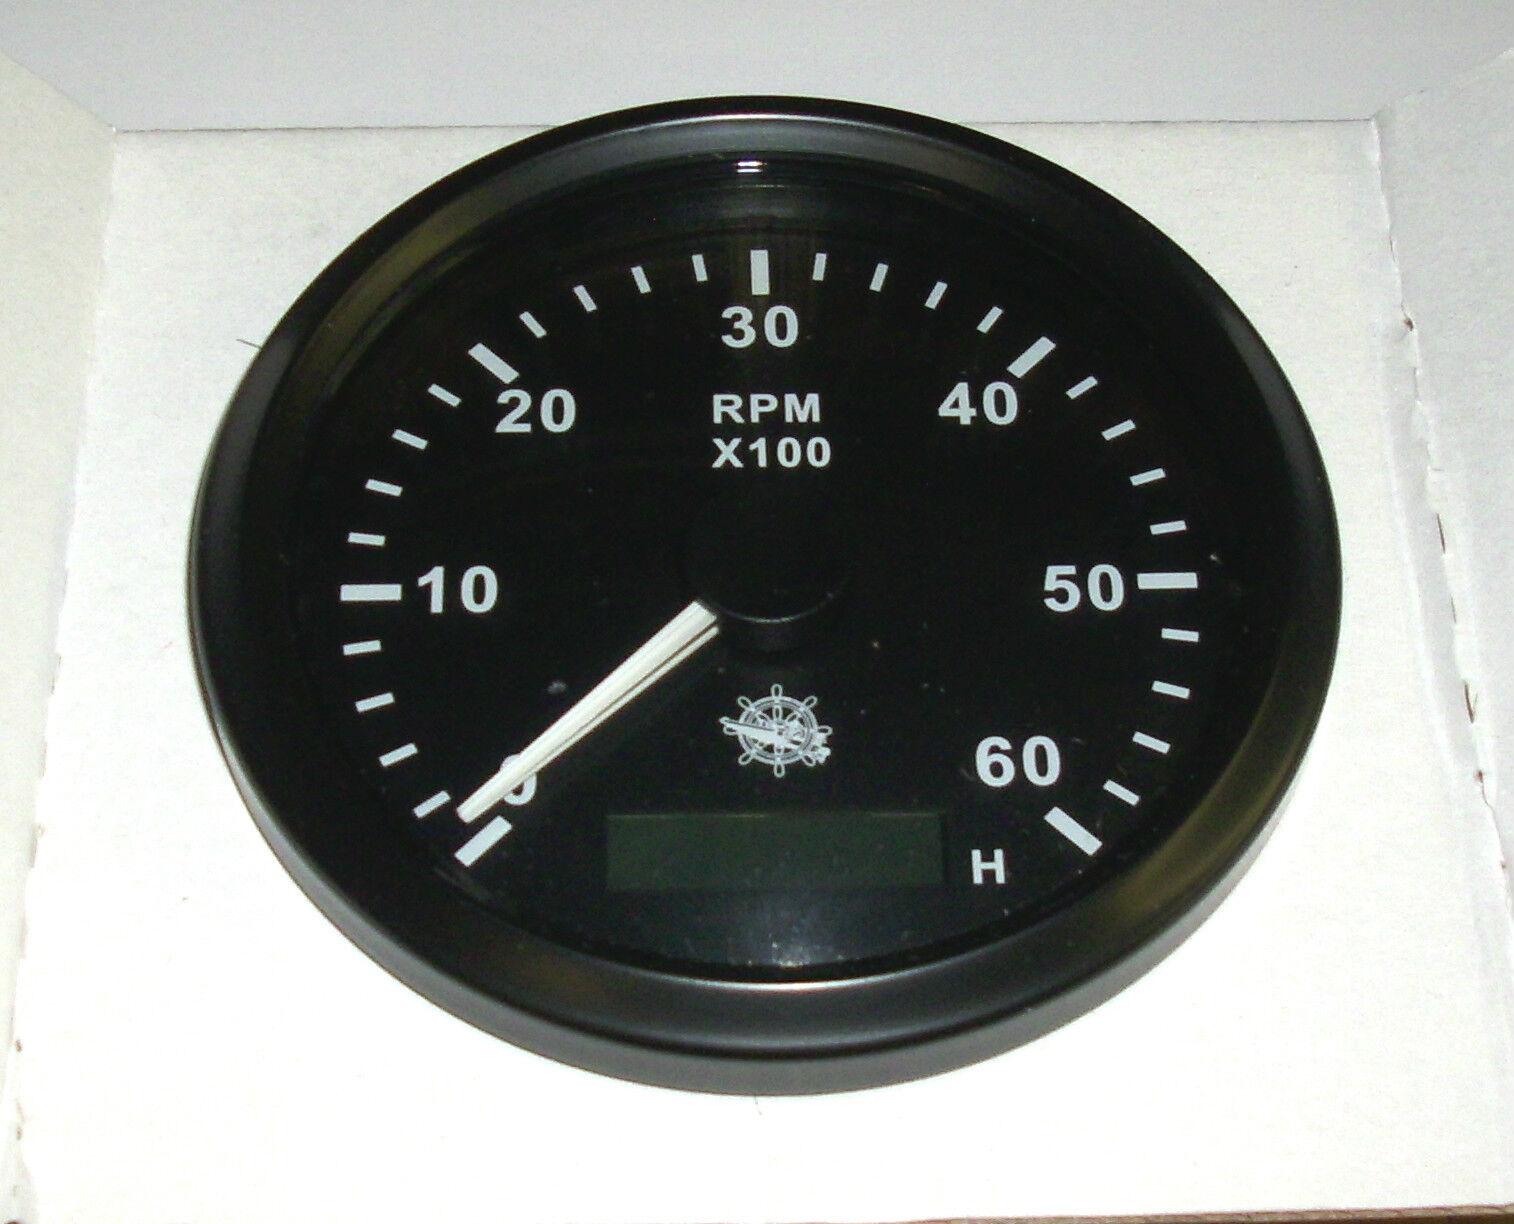 Drehzahlmesser 85 mm  Diesel/ Benzin 0-6000 RMP Schwarz Blende Schwarz Schwarz Blende 27.325.03 73f45a